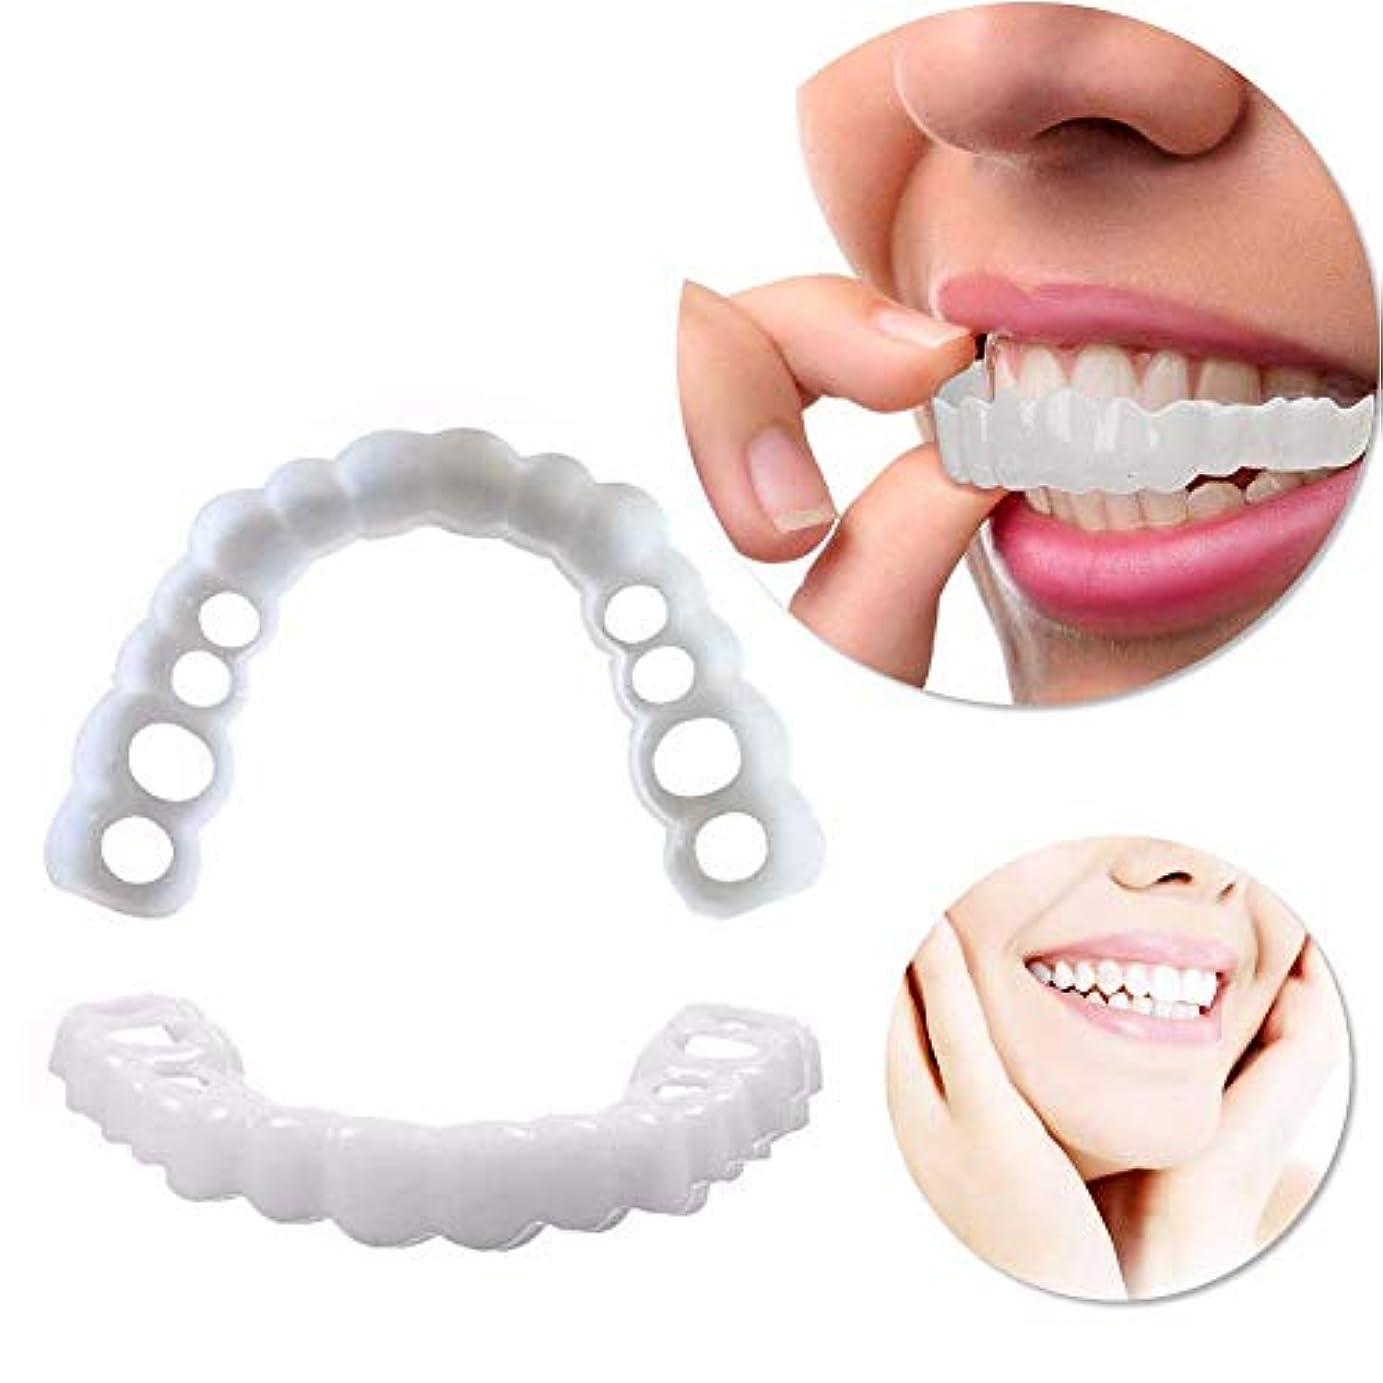 ソフィーペレット失速義歯安全インスタントスマイル化粧品ノベルティ歯 - ワンサイズが一番フィット,7Pairs